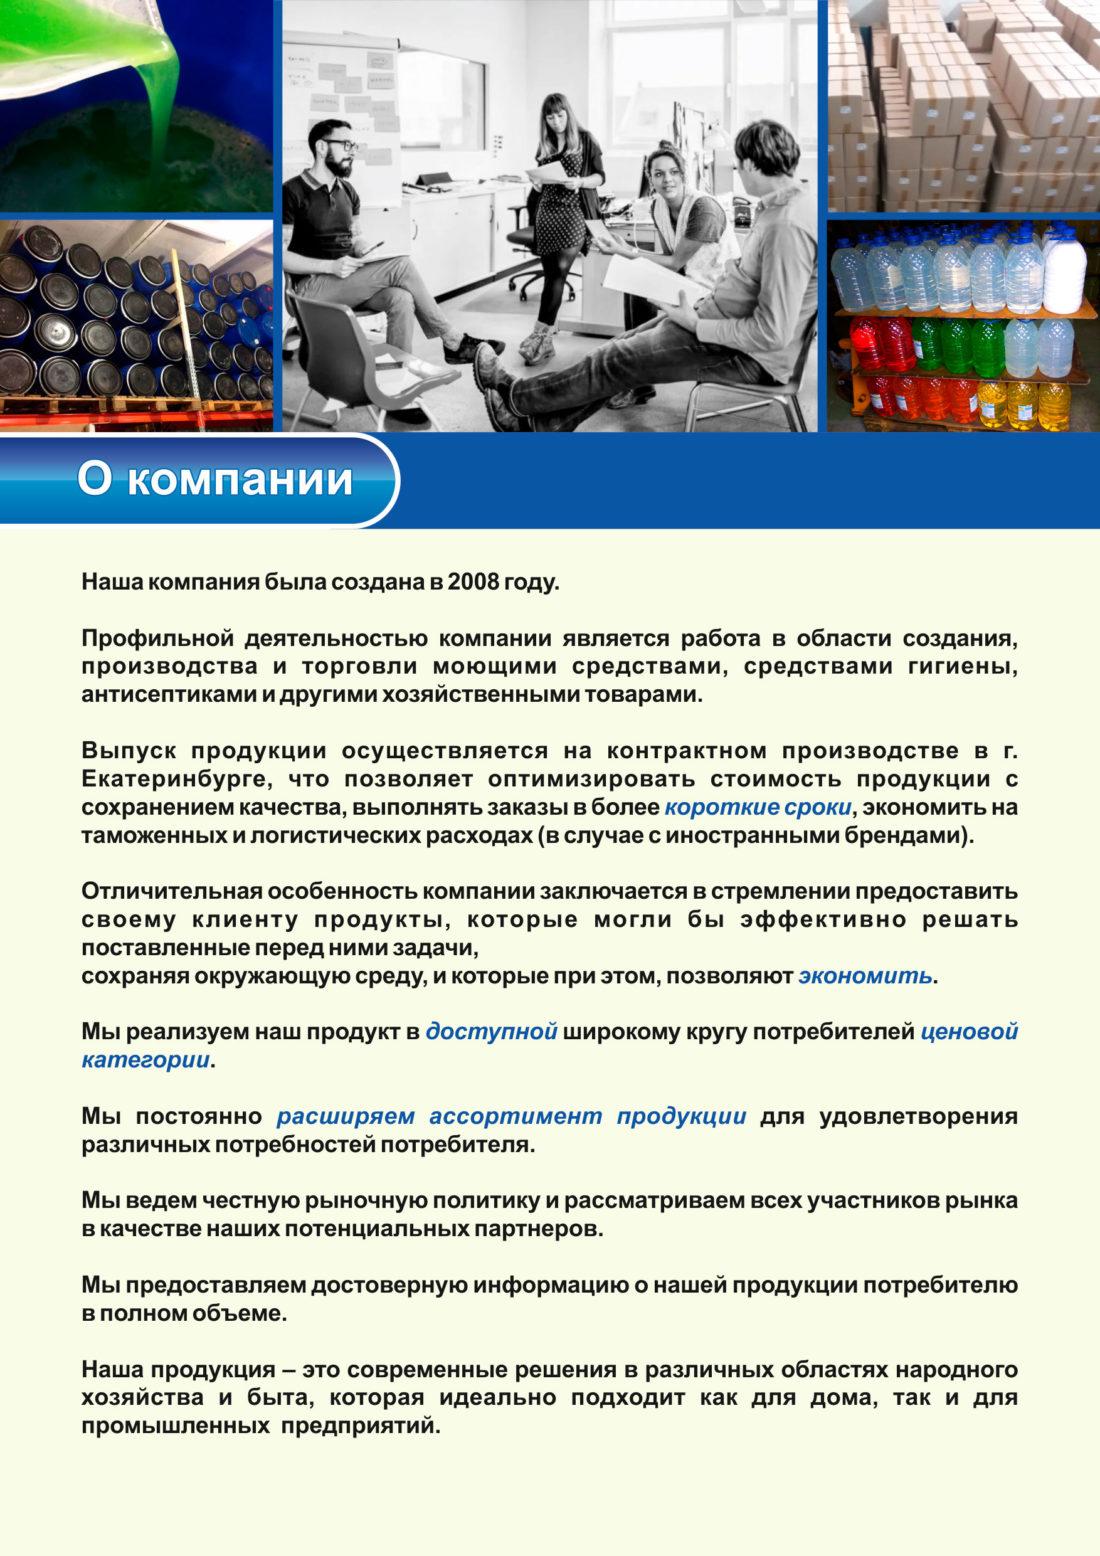 okompanii-3